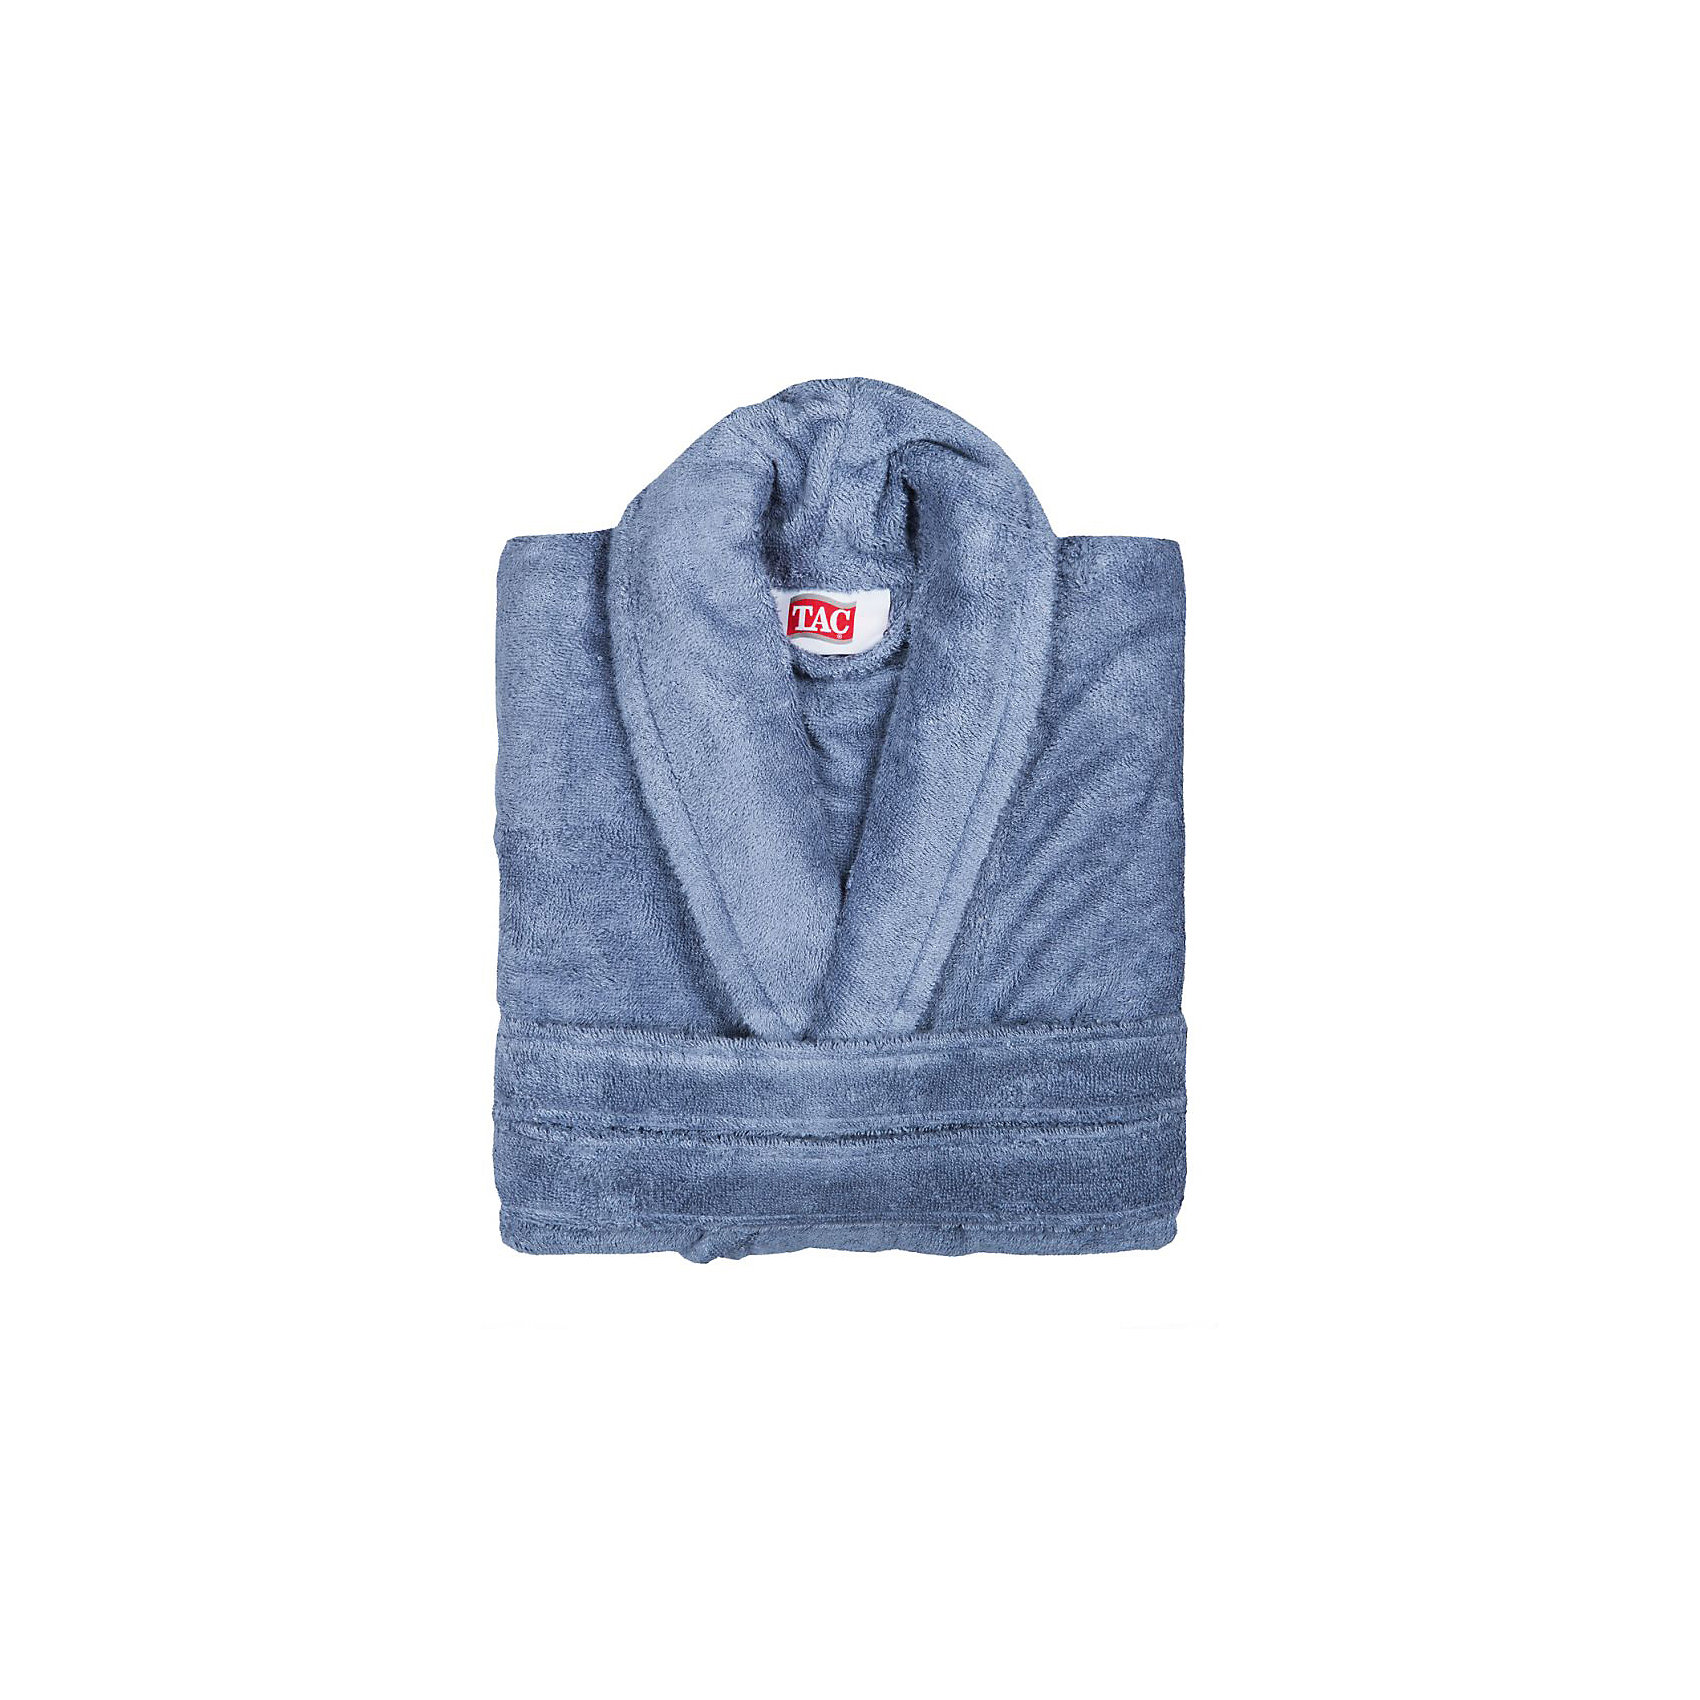 Халат махровый Maison Bambu, L/XL, TAC, синий (k.mavi)Ванная комната<br>Характеристики:<br><br>• Вид домашнего текстиля: махровый халат<br>• Размер международный/российский: L/XL<br>• Пол: унисекс<br>• Рисунок: без рисунка<br>• Материал: хлопок, 50% хлопок; бамбук, 50%<br>• Цвет: синий<br>• Плотность полотна: 320 гр/м2 <br>• Силуэт: прямой<br>• Рукав: длинный<br>• Воротник: отложной<br>• Застежка: пояс<br>• Вес в упаковке: 1 кг 130 г<br>• Размеры упаковки (Д*Ш*В): 40*10*32 см<br>• Особенности ухода: машинная стирка <br><br>Халат махровый Maison Bambu, L/XL, TAC, синий (k.mavi) от наиболее популярного бренда на отечественном рынке среди производителей комплектов постельного белья и текстильных принадлежностей, выпуском которого занимается производственная компания, являющаяся частью мирового холдинга Zorlu Holding Textiles Group. Халат выполнен из сочетания натурального хлопка и бамбукового волокна, что обеспечивает гипоаллергенность, высокую износоустойчивость, повышенные гигкоскопические и антибактериальные свойства изделия. <br><br>Благодаря высокой степени плотности махры, халат отлично впитывает влагу, но при этом остается мягким. Ворс окрашен стойкими нетоксичными красителями, который не оставляет запаха и обеспечивает ровный окрас. Изделие сохраняет свой цвет и форму даже при частых стирках. Халат прямого кроя с длинными рукавами и отложным воротником идеально подходит для посещения бани или сауны, а в прохладные вечера обеспечит комфорт и уют своему владельцу. Выполнен в синем цвете без рисунка.<br><br>Халат махровый Maison Bambu, L/XL, TAC, синий (k.mavi) можно купить в нашем интернет-магазине.<br><br>Ширина мм: 290<br>Глубина мм: 90<br>Высота мм: 400<br>Вес г: 1400<br>Возраст от месяцев: 216<br>Возраст до месяцев: 1188<br>Пол: Унисекс<br>Возраст: Детский<br>SKU: 5476361